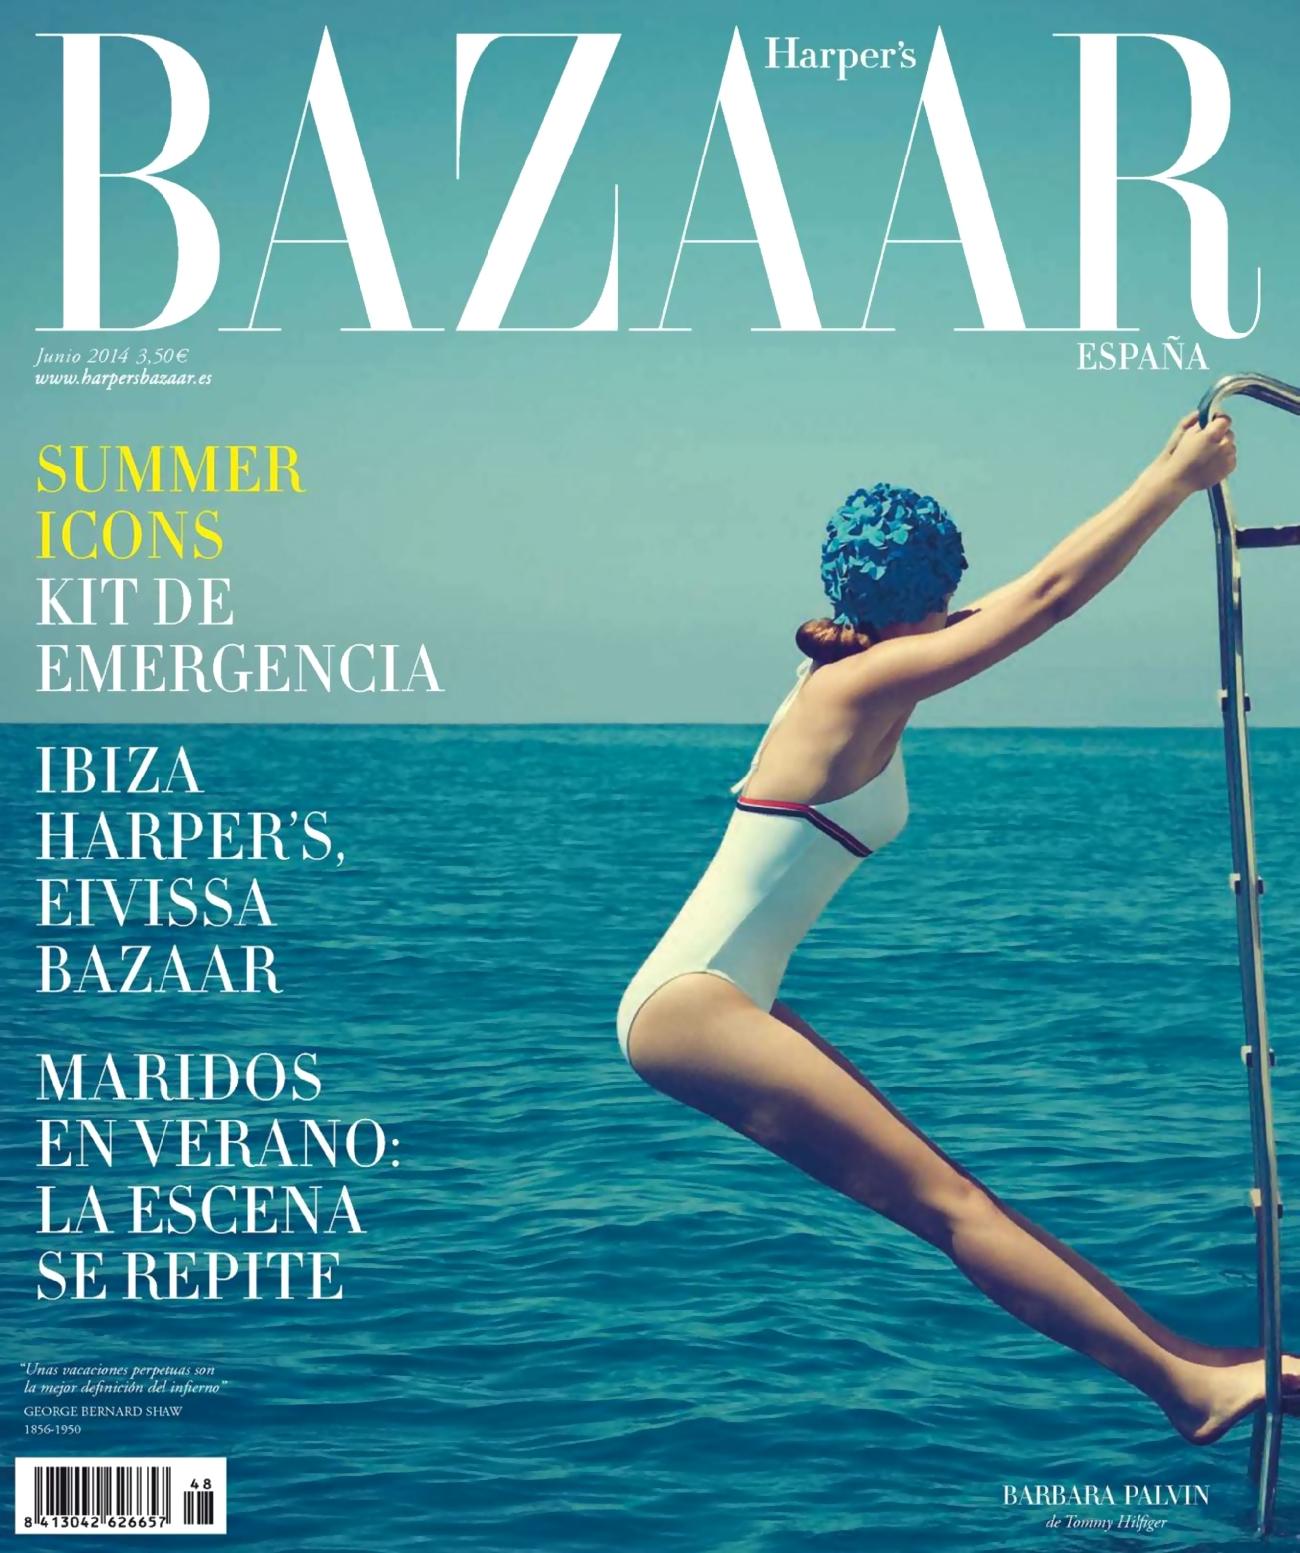 صور بربارا بالفن على مجلة هاربر بازار أسبانيا يونيو 2014